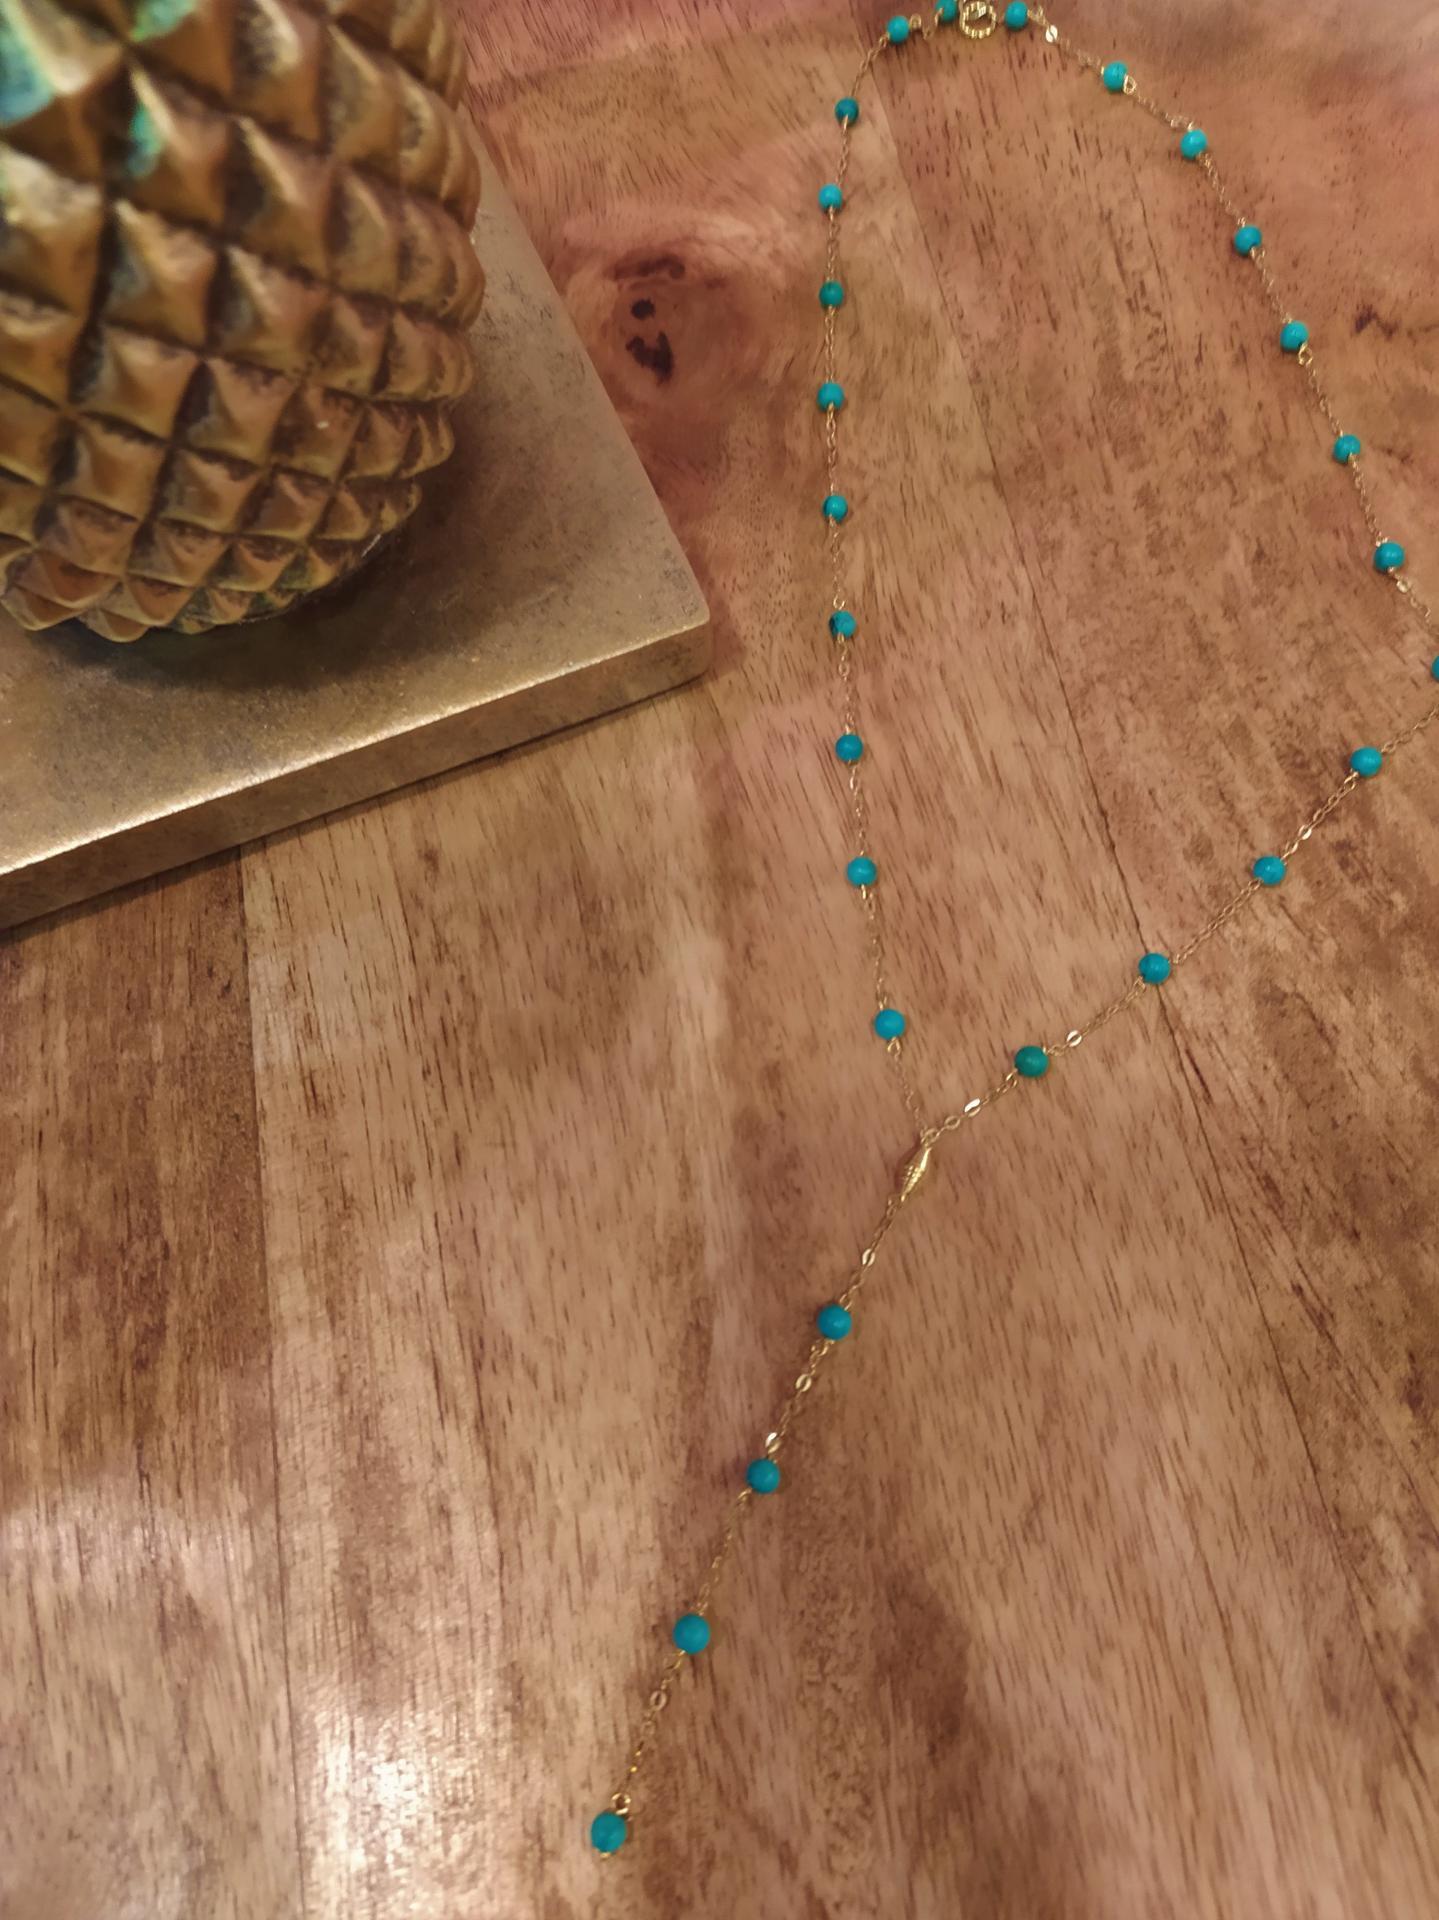 Collier ref 273 1 51 gr prix 75 eur turquoise 3 mm ras de cou longueur 44 cm et extention 8 cm 1